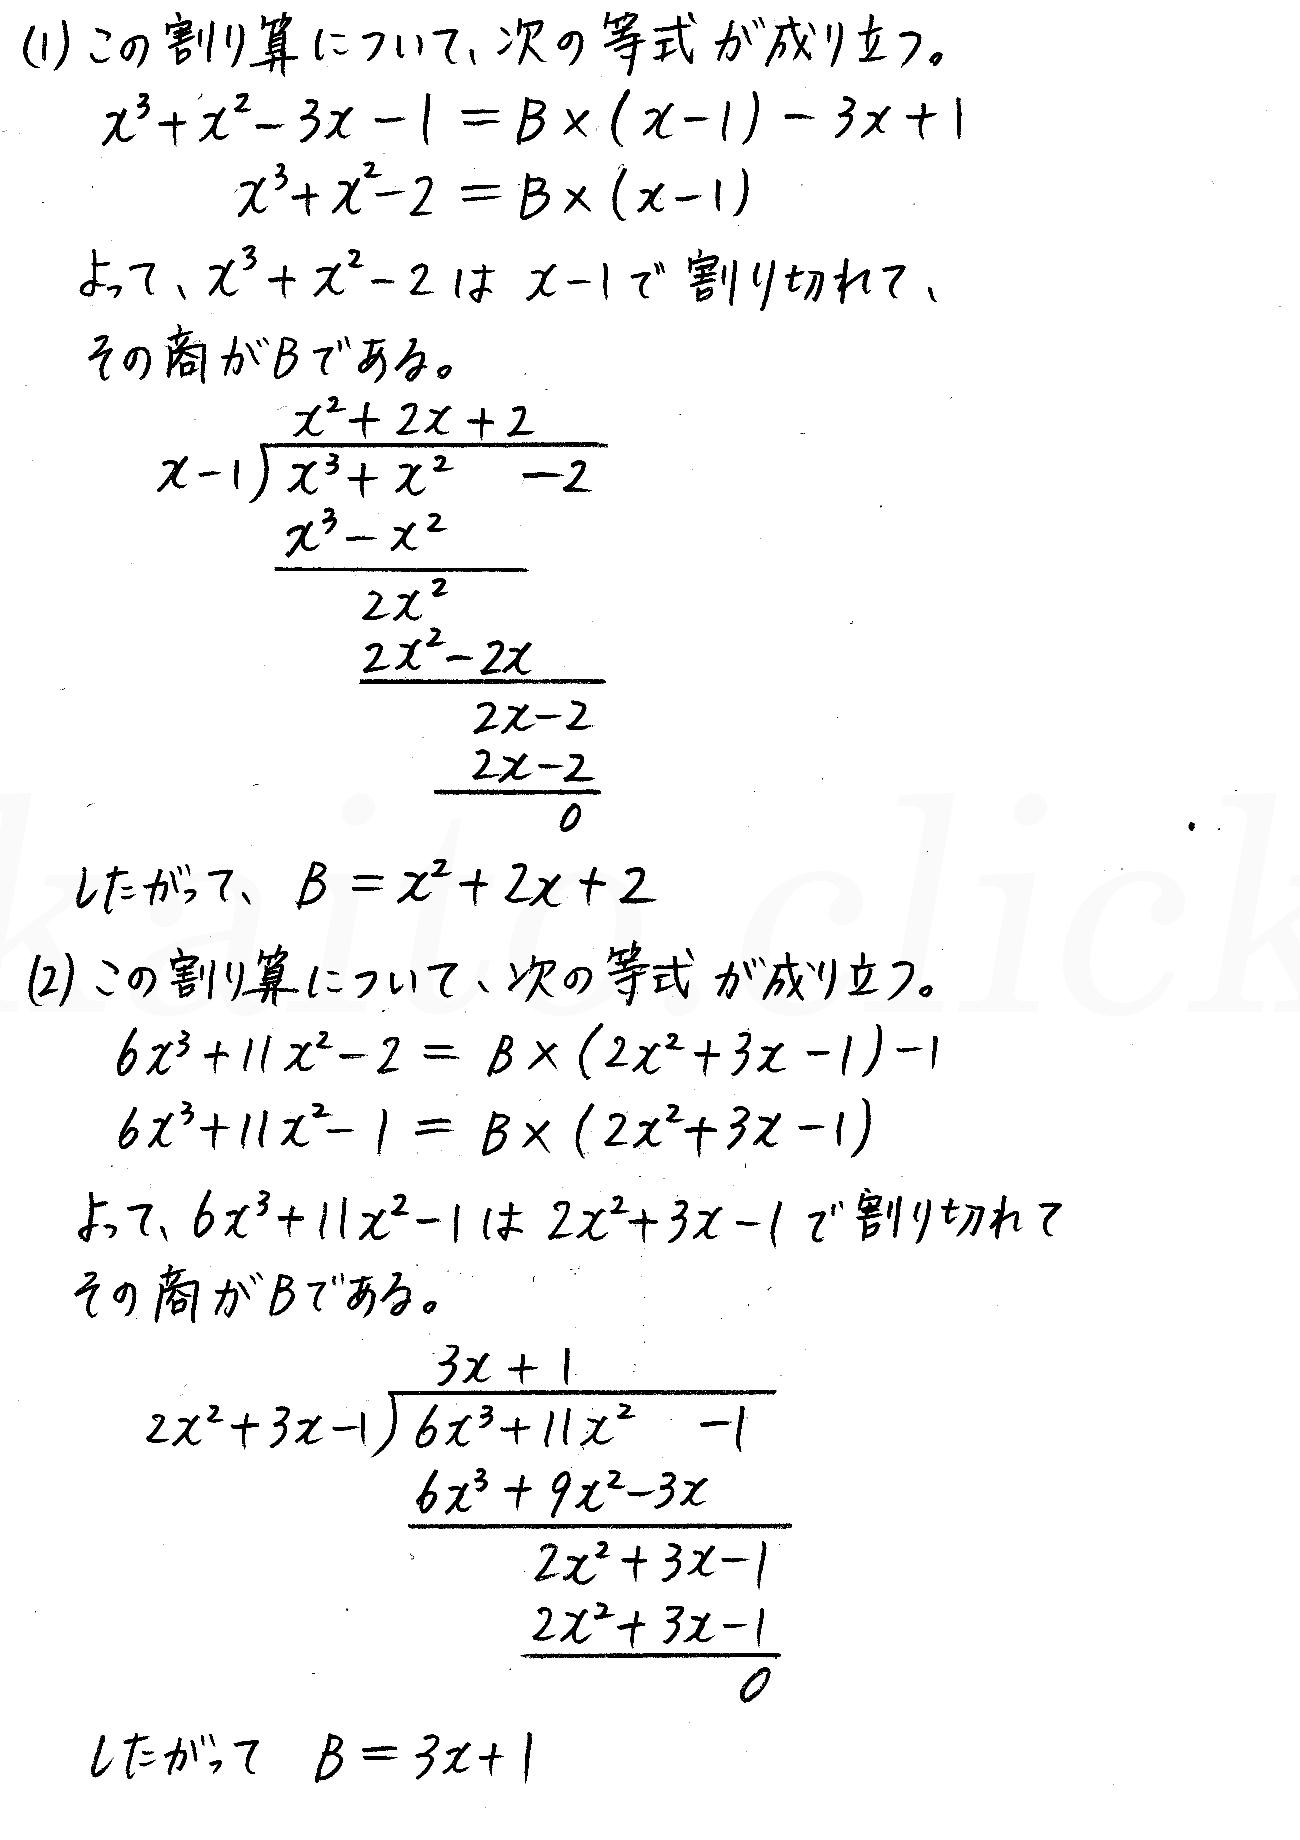 改訂版4プロセス数学2-18解答